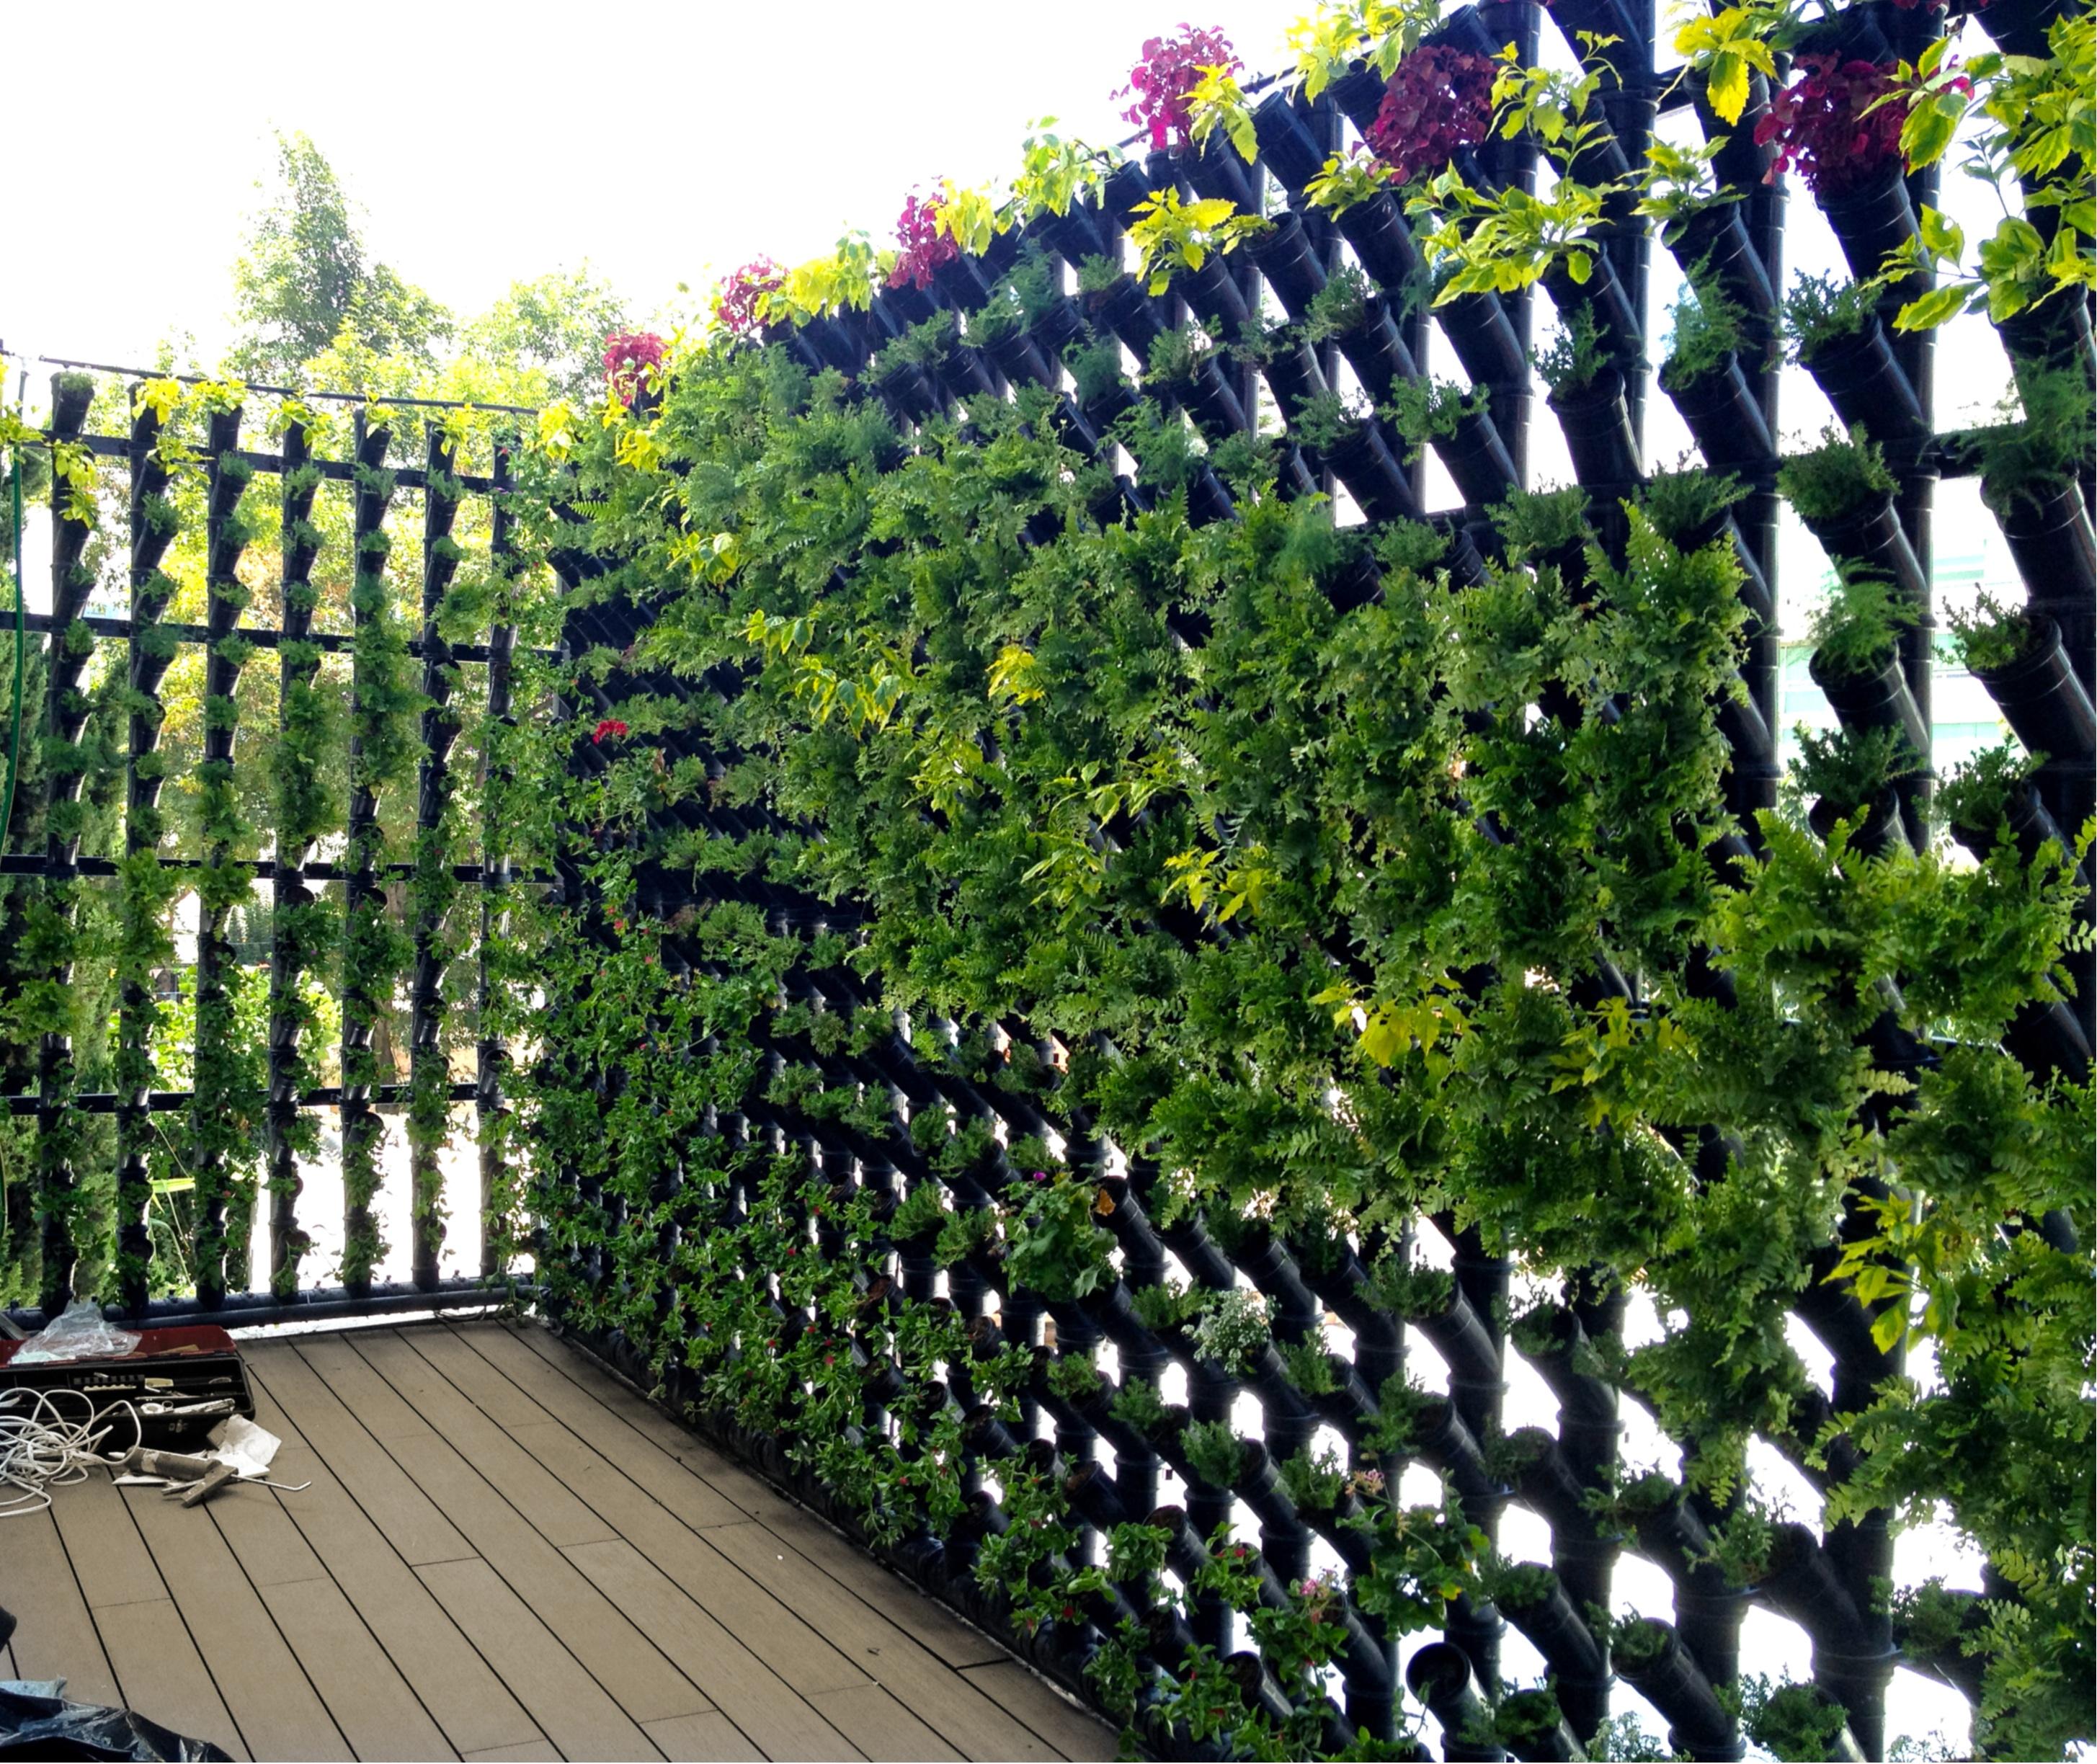 M dulos para muro verde cultivo y decorativo 92cm base x - Como hacer un muro verde ...